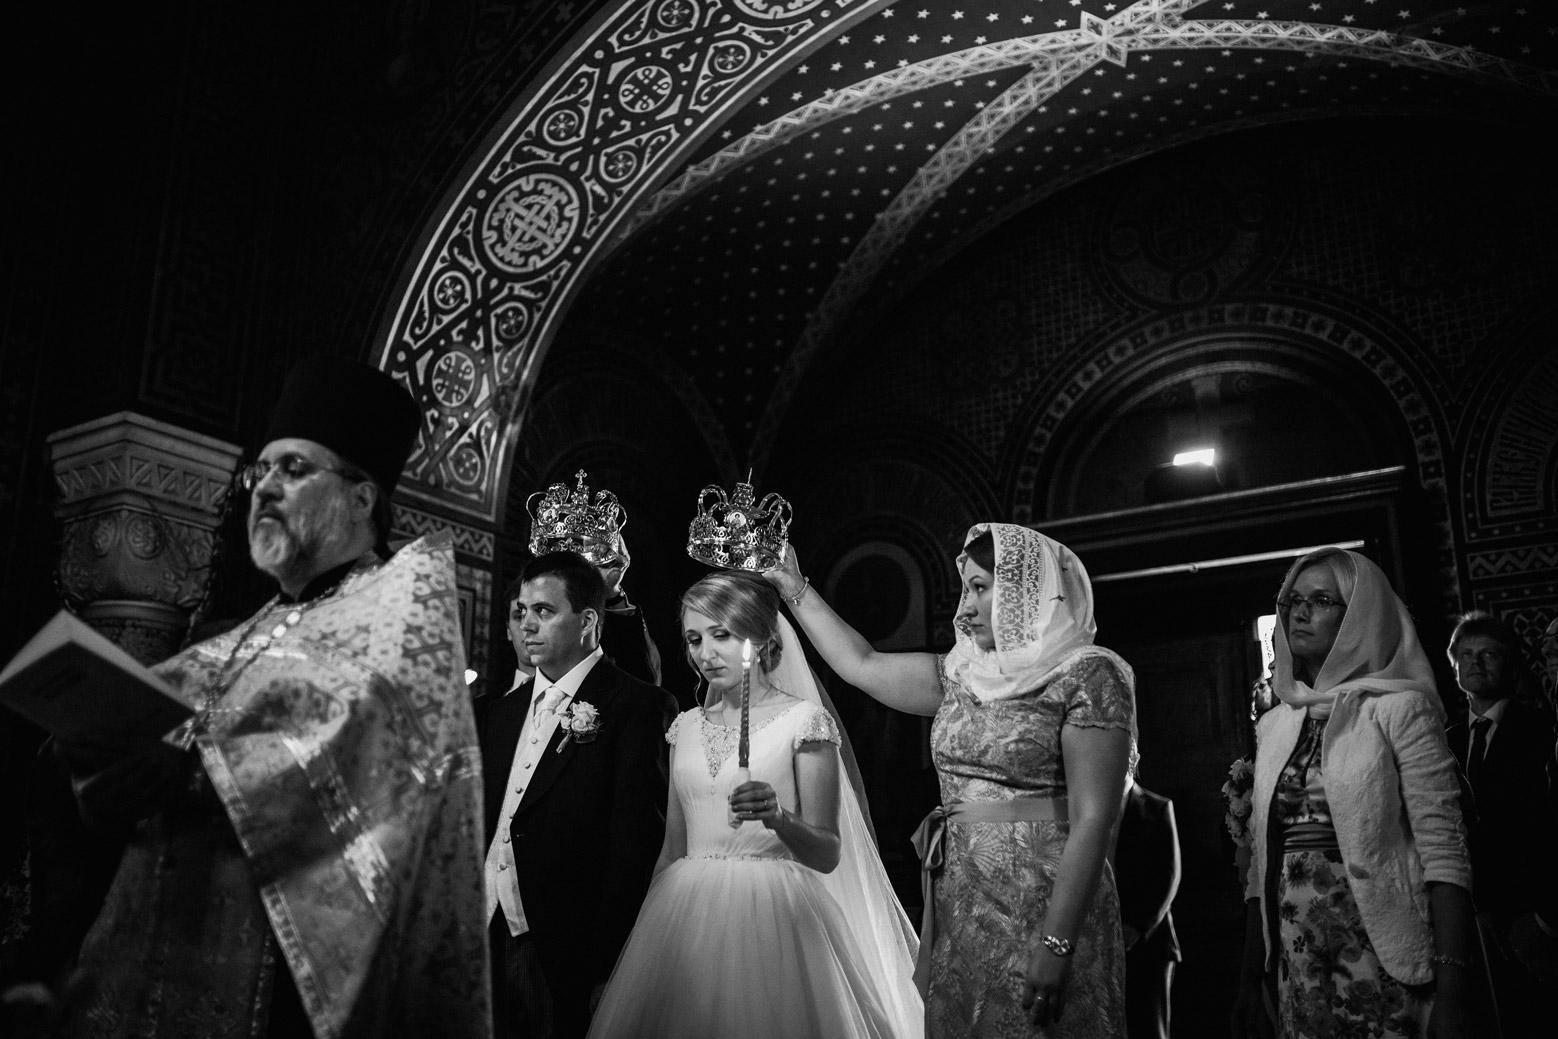 Reportage de mariage au Grand Hôtel du Lac de Genève, Vevey. Photo de David POMMIER Photographe à Vevey en Suisse